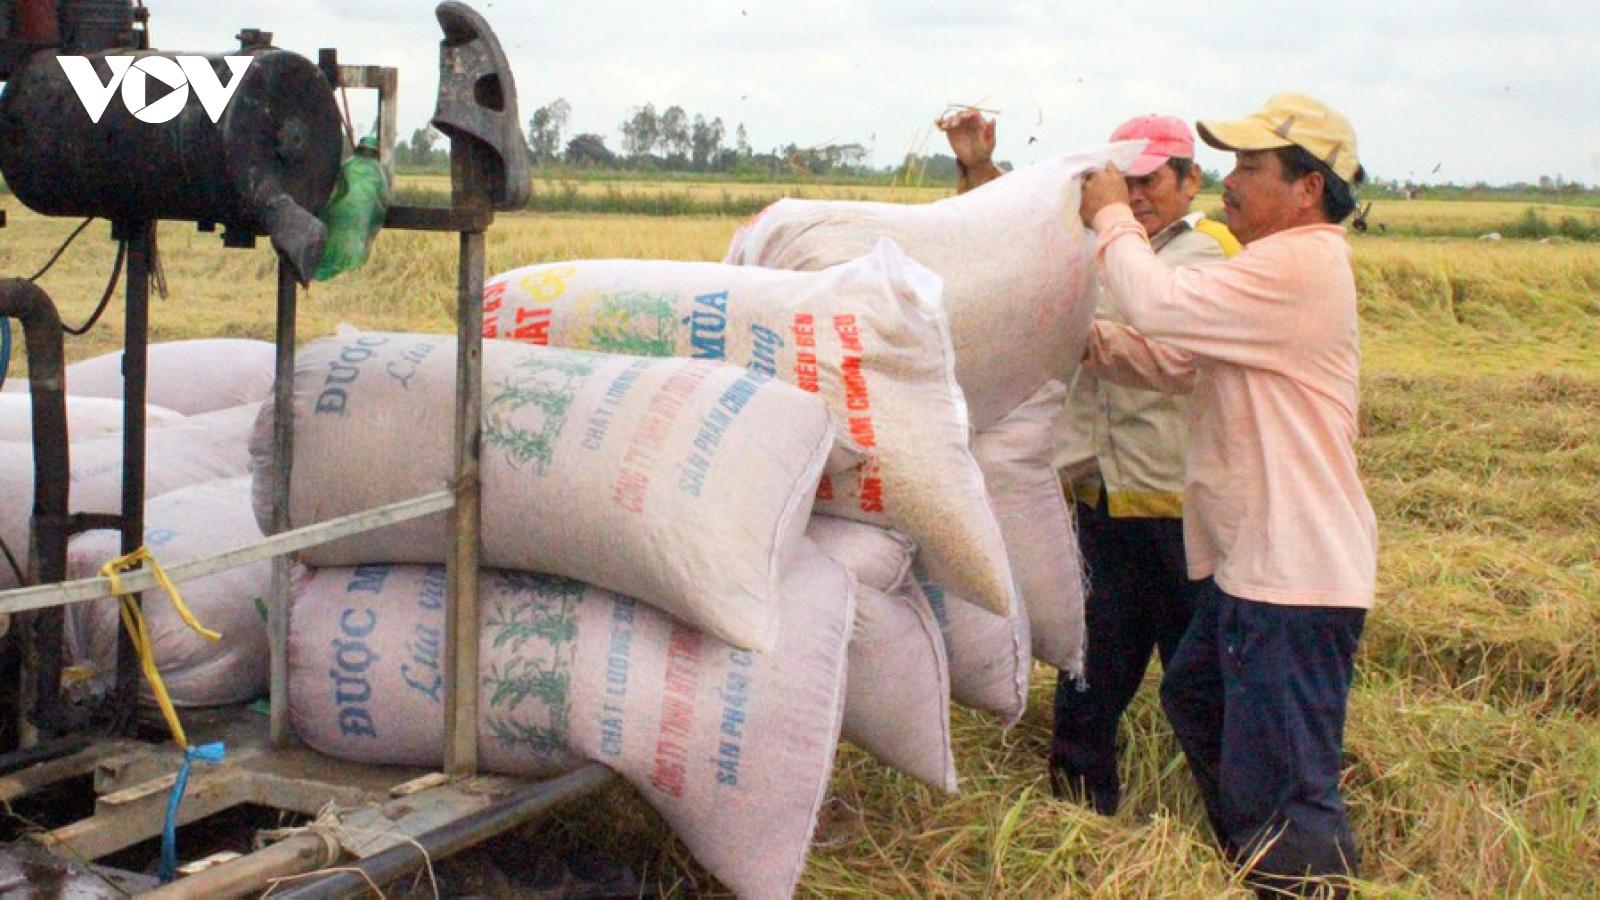 Việt Nam xuất khẩu khoảng 6,15 triệu tấn gạo trong năm 2020